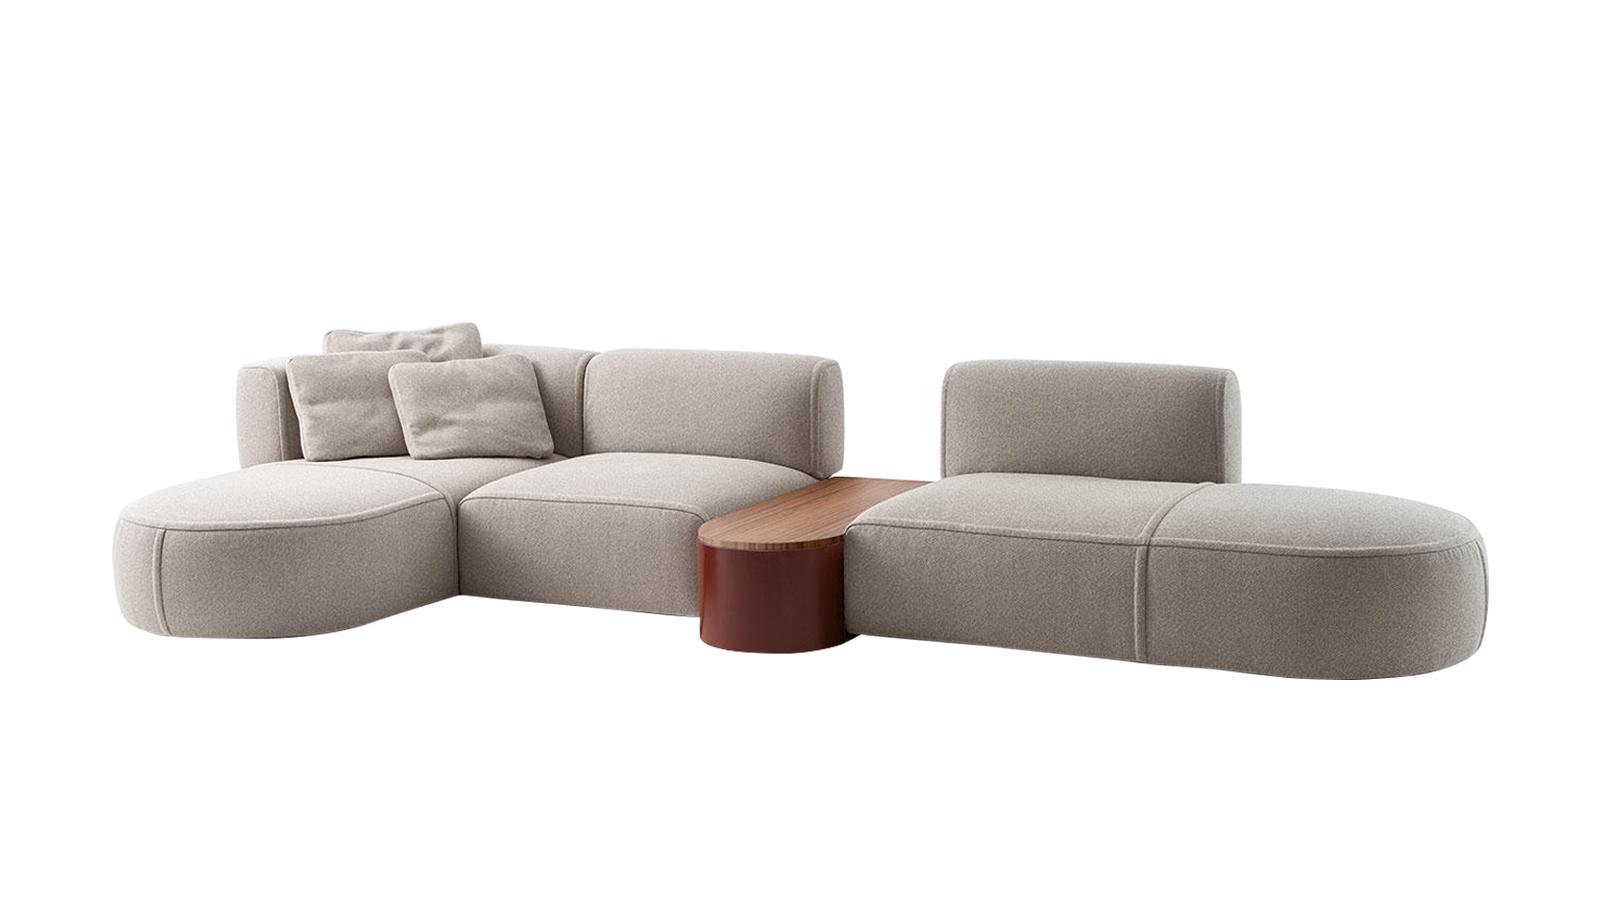 Ötletes, moduláris kanapé lágy, hívogató kanyarokkal, amelyek maximális kényelemről és sokoldalúságról tanúskodnak: ez a Bowy. A bútor egységeit mintha elegáns szobrokként álmodták volna meg, egyenként és egymás mellé rendezve is megkapó látványt nyújtanak. Magas kézműves tudásról árulkodnak az anyagszélek és a kárpitozás precíz megoldásai is.